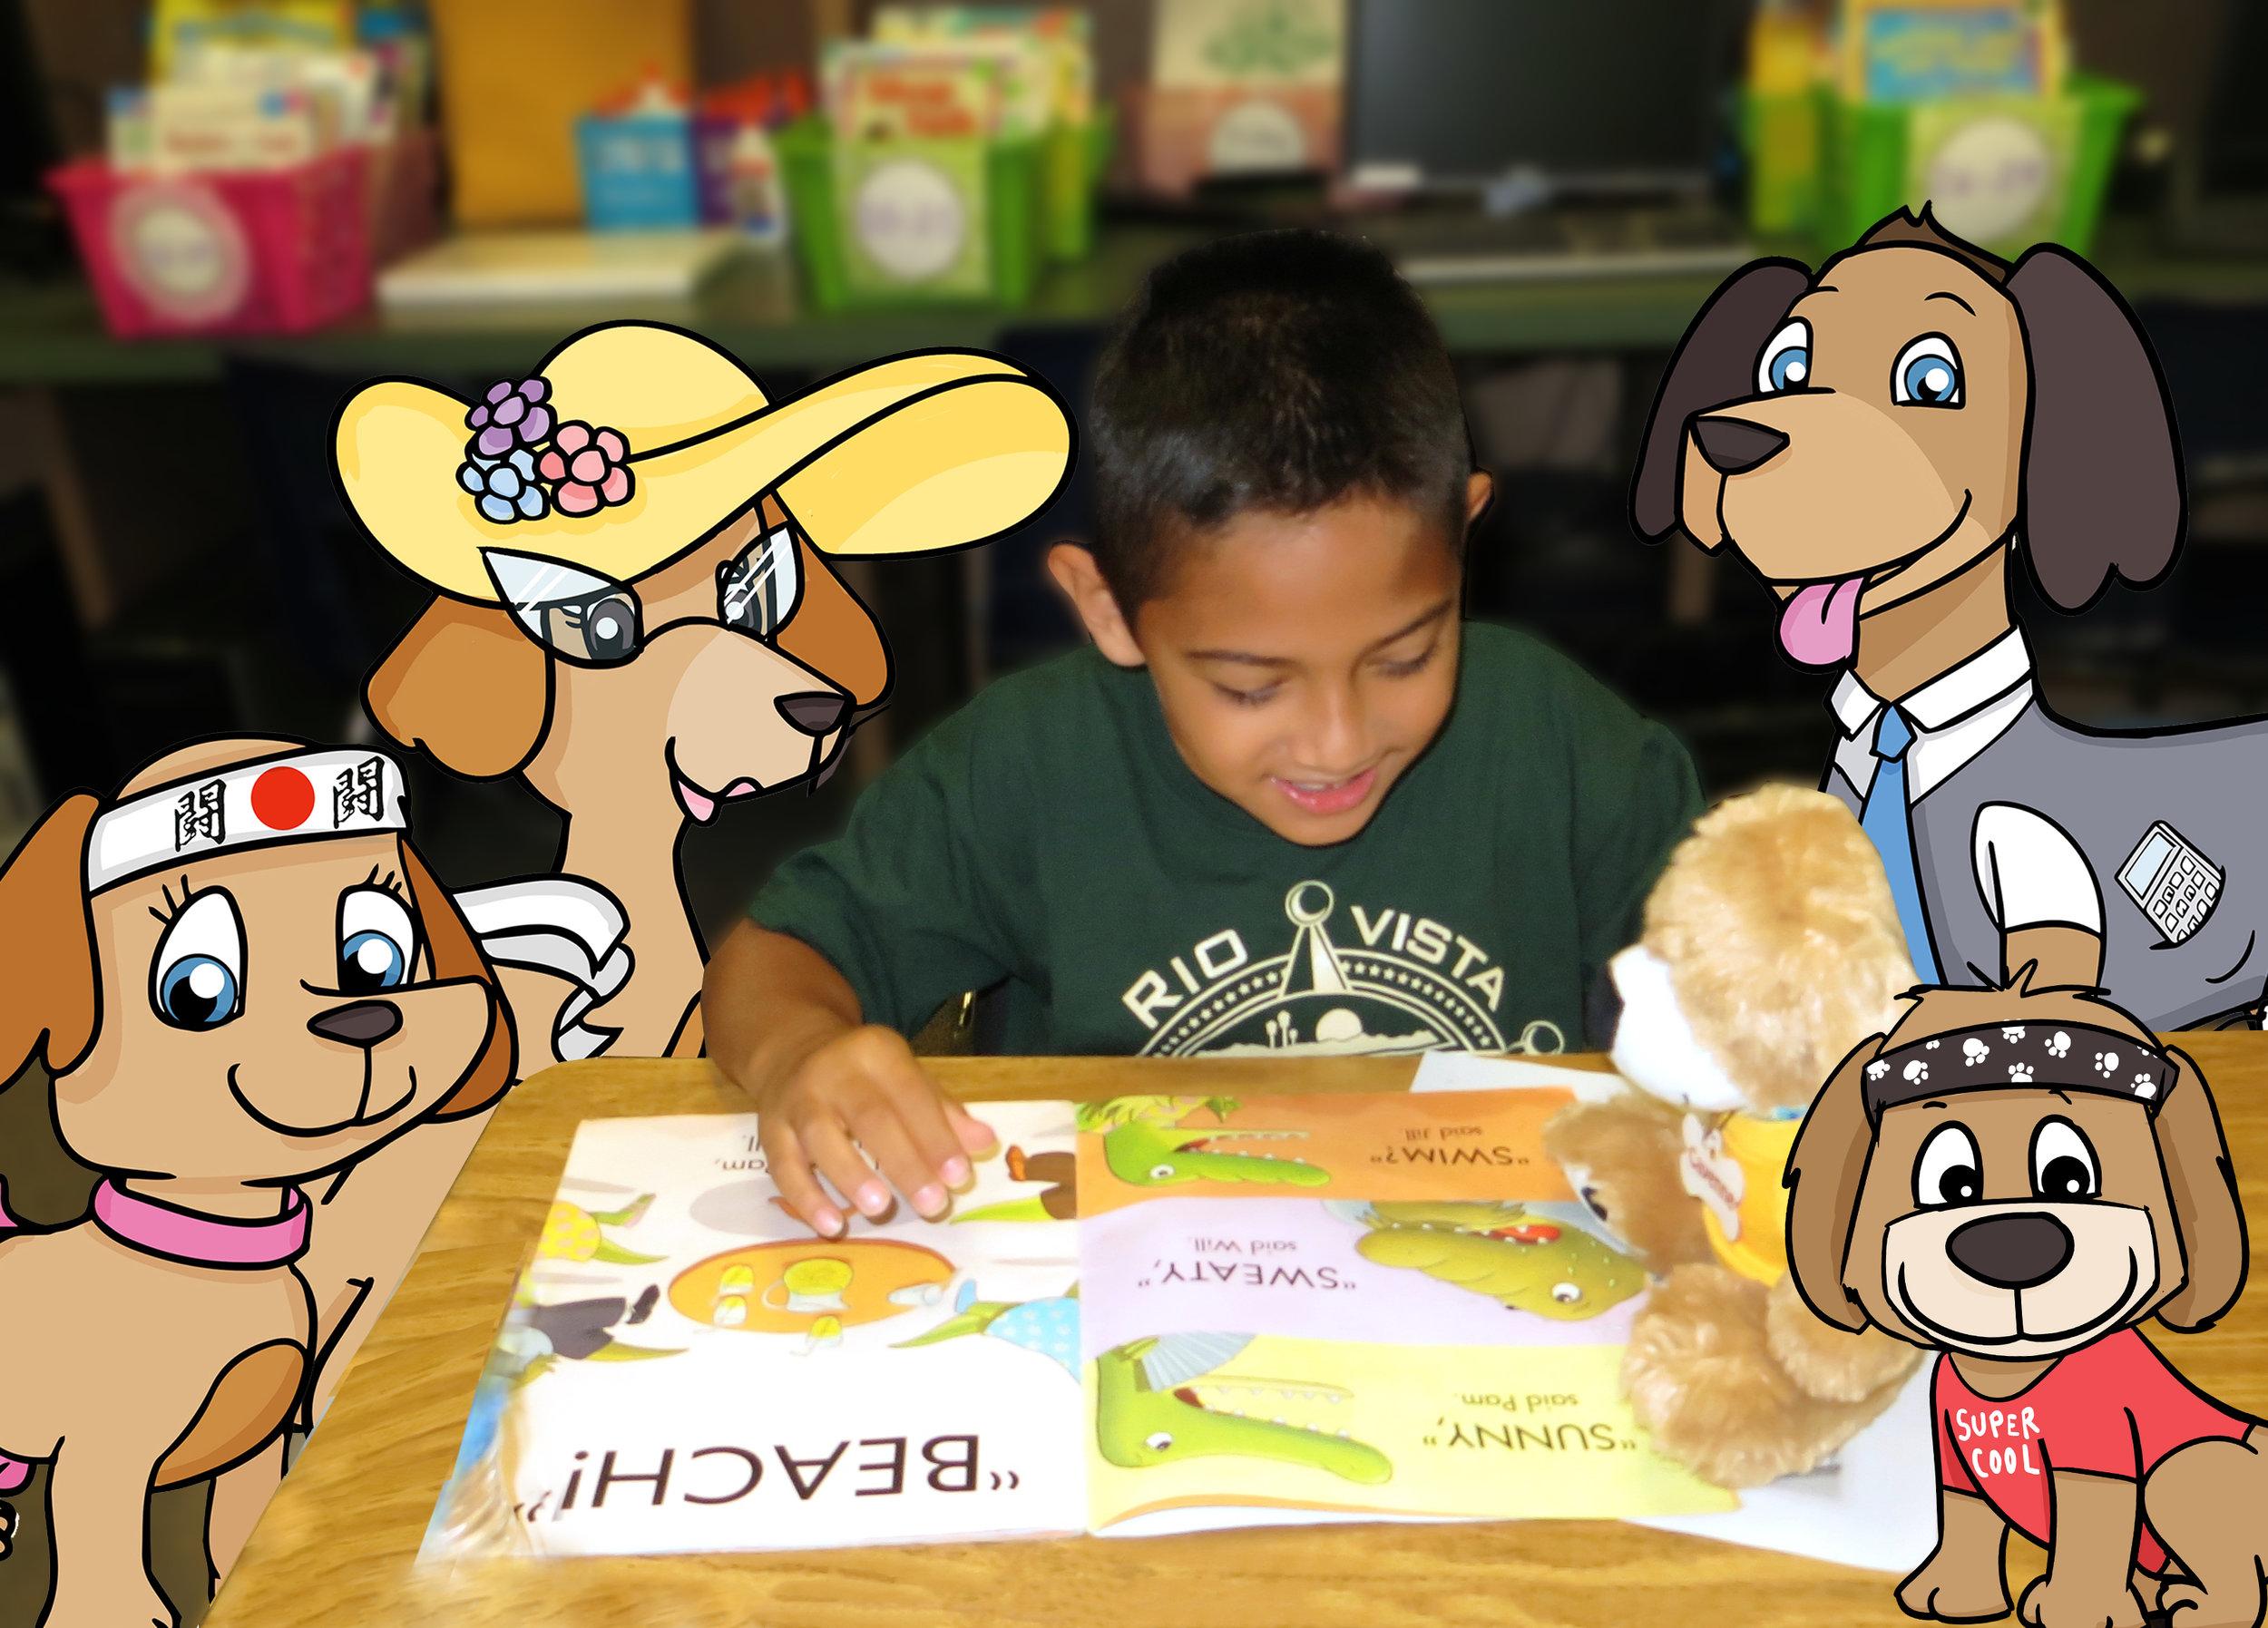 HDHK-wih-kids2.jpg